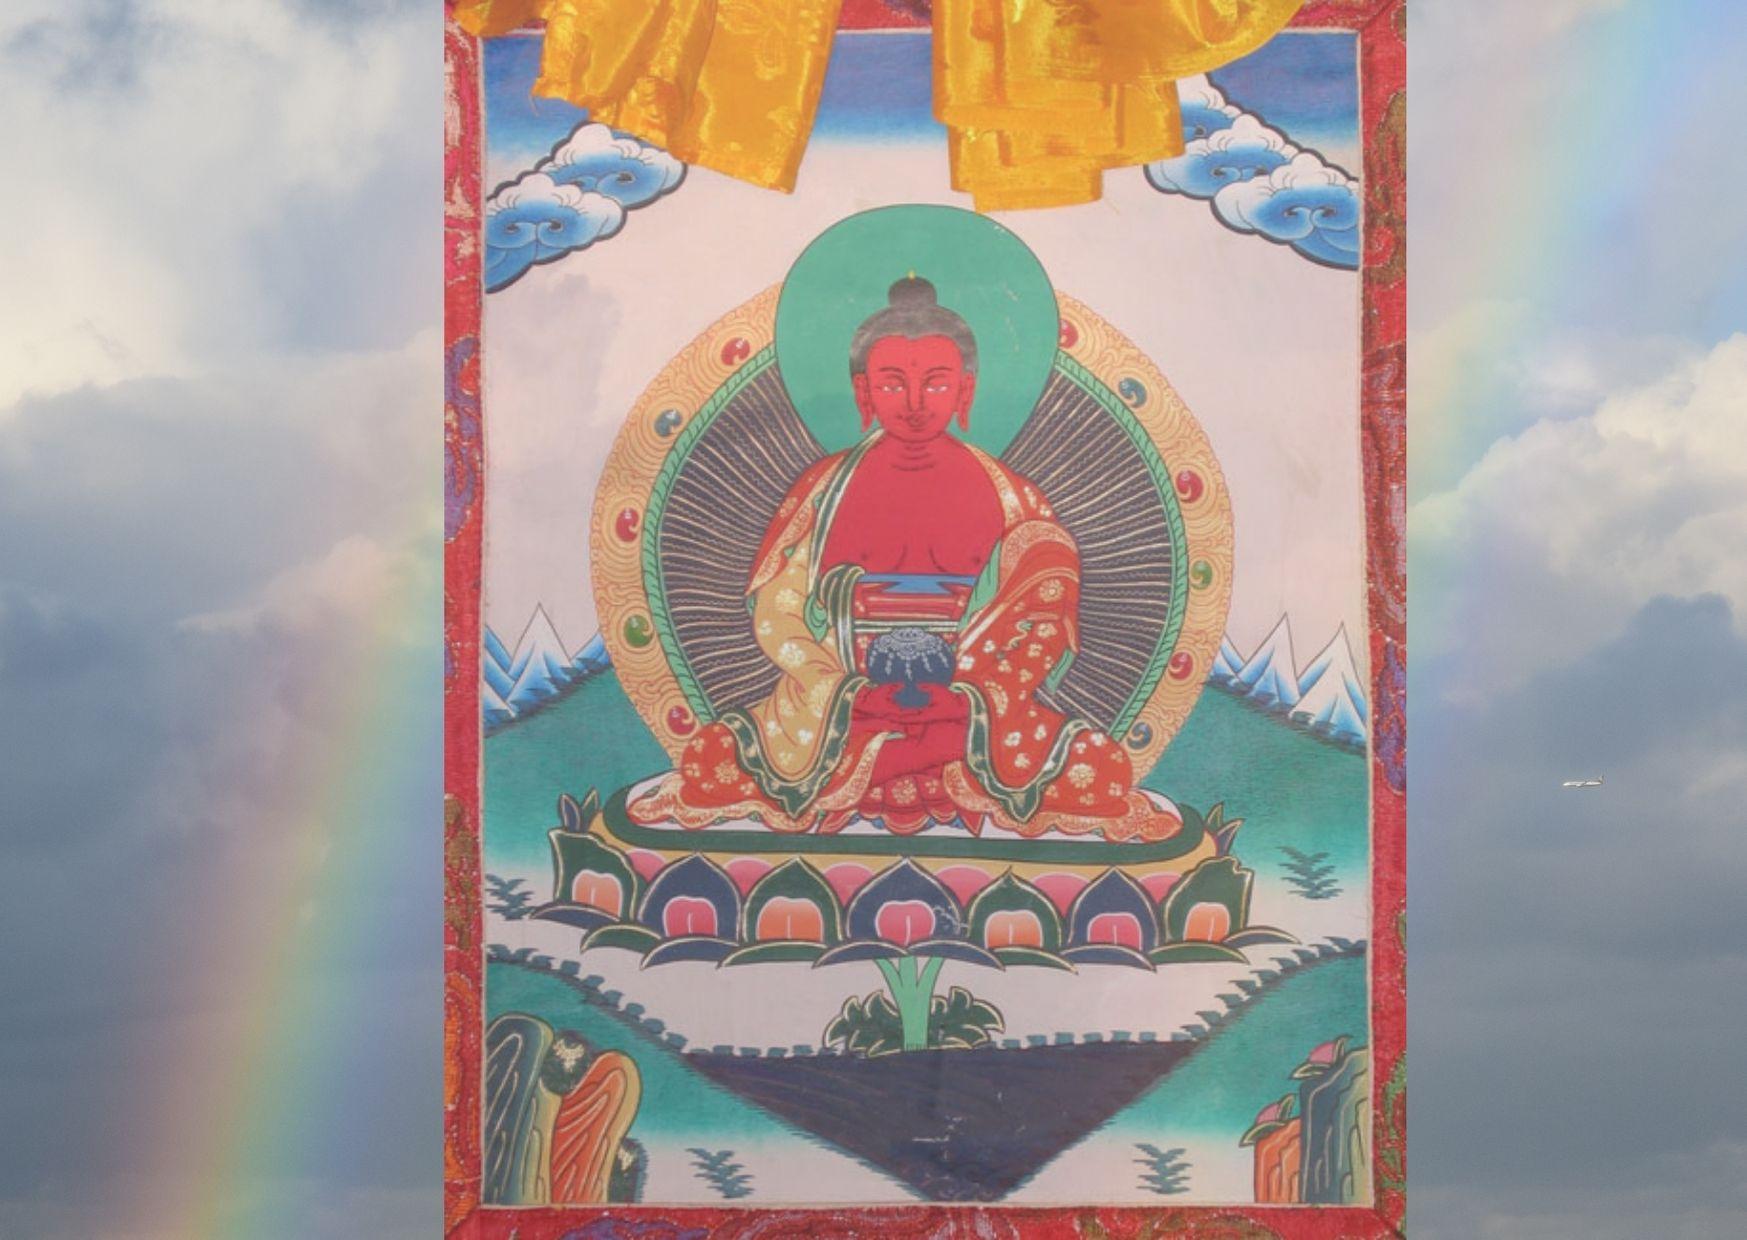 DECHEN MÖNLAM PRAYER, PART 1 - Khenpo Tashi Sangpo